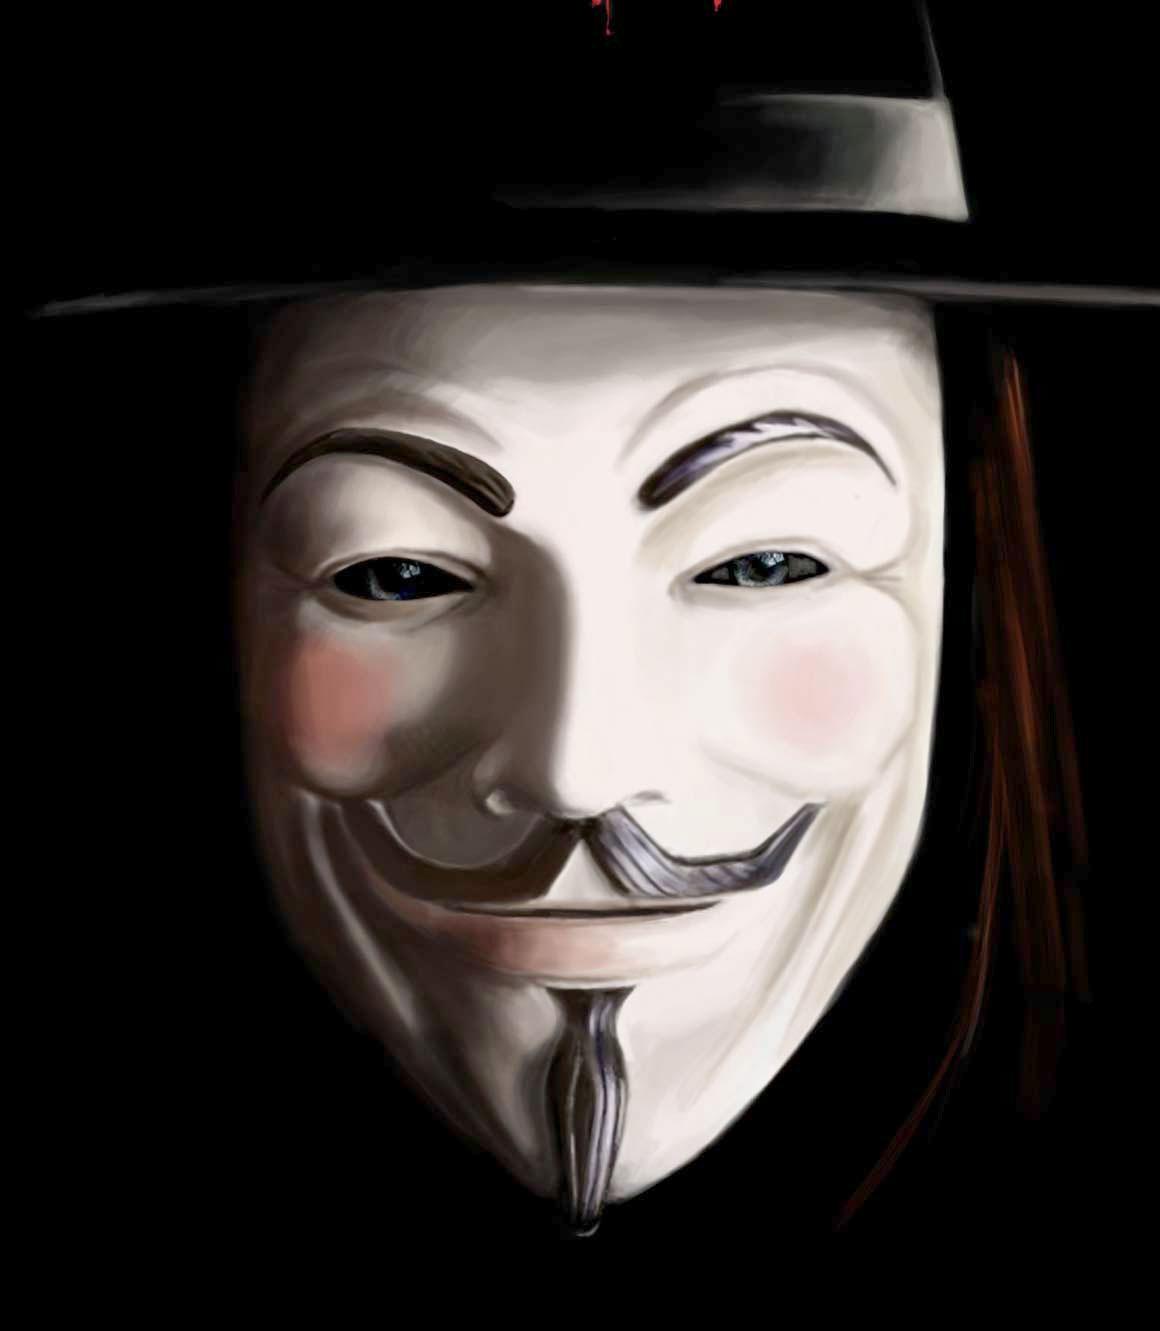 La maschera di V per vendetta (rappresentante Guy Fawkes)